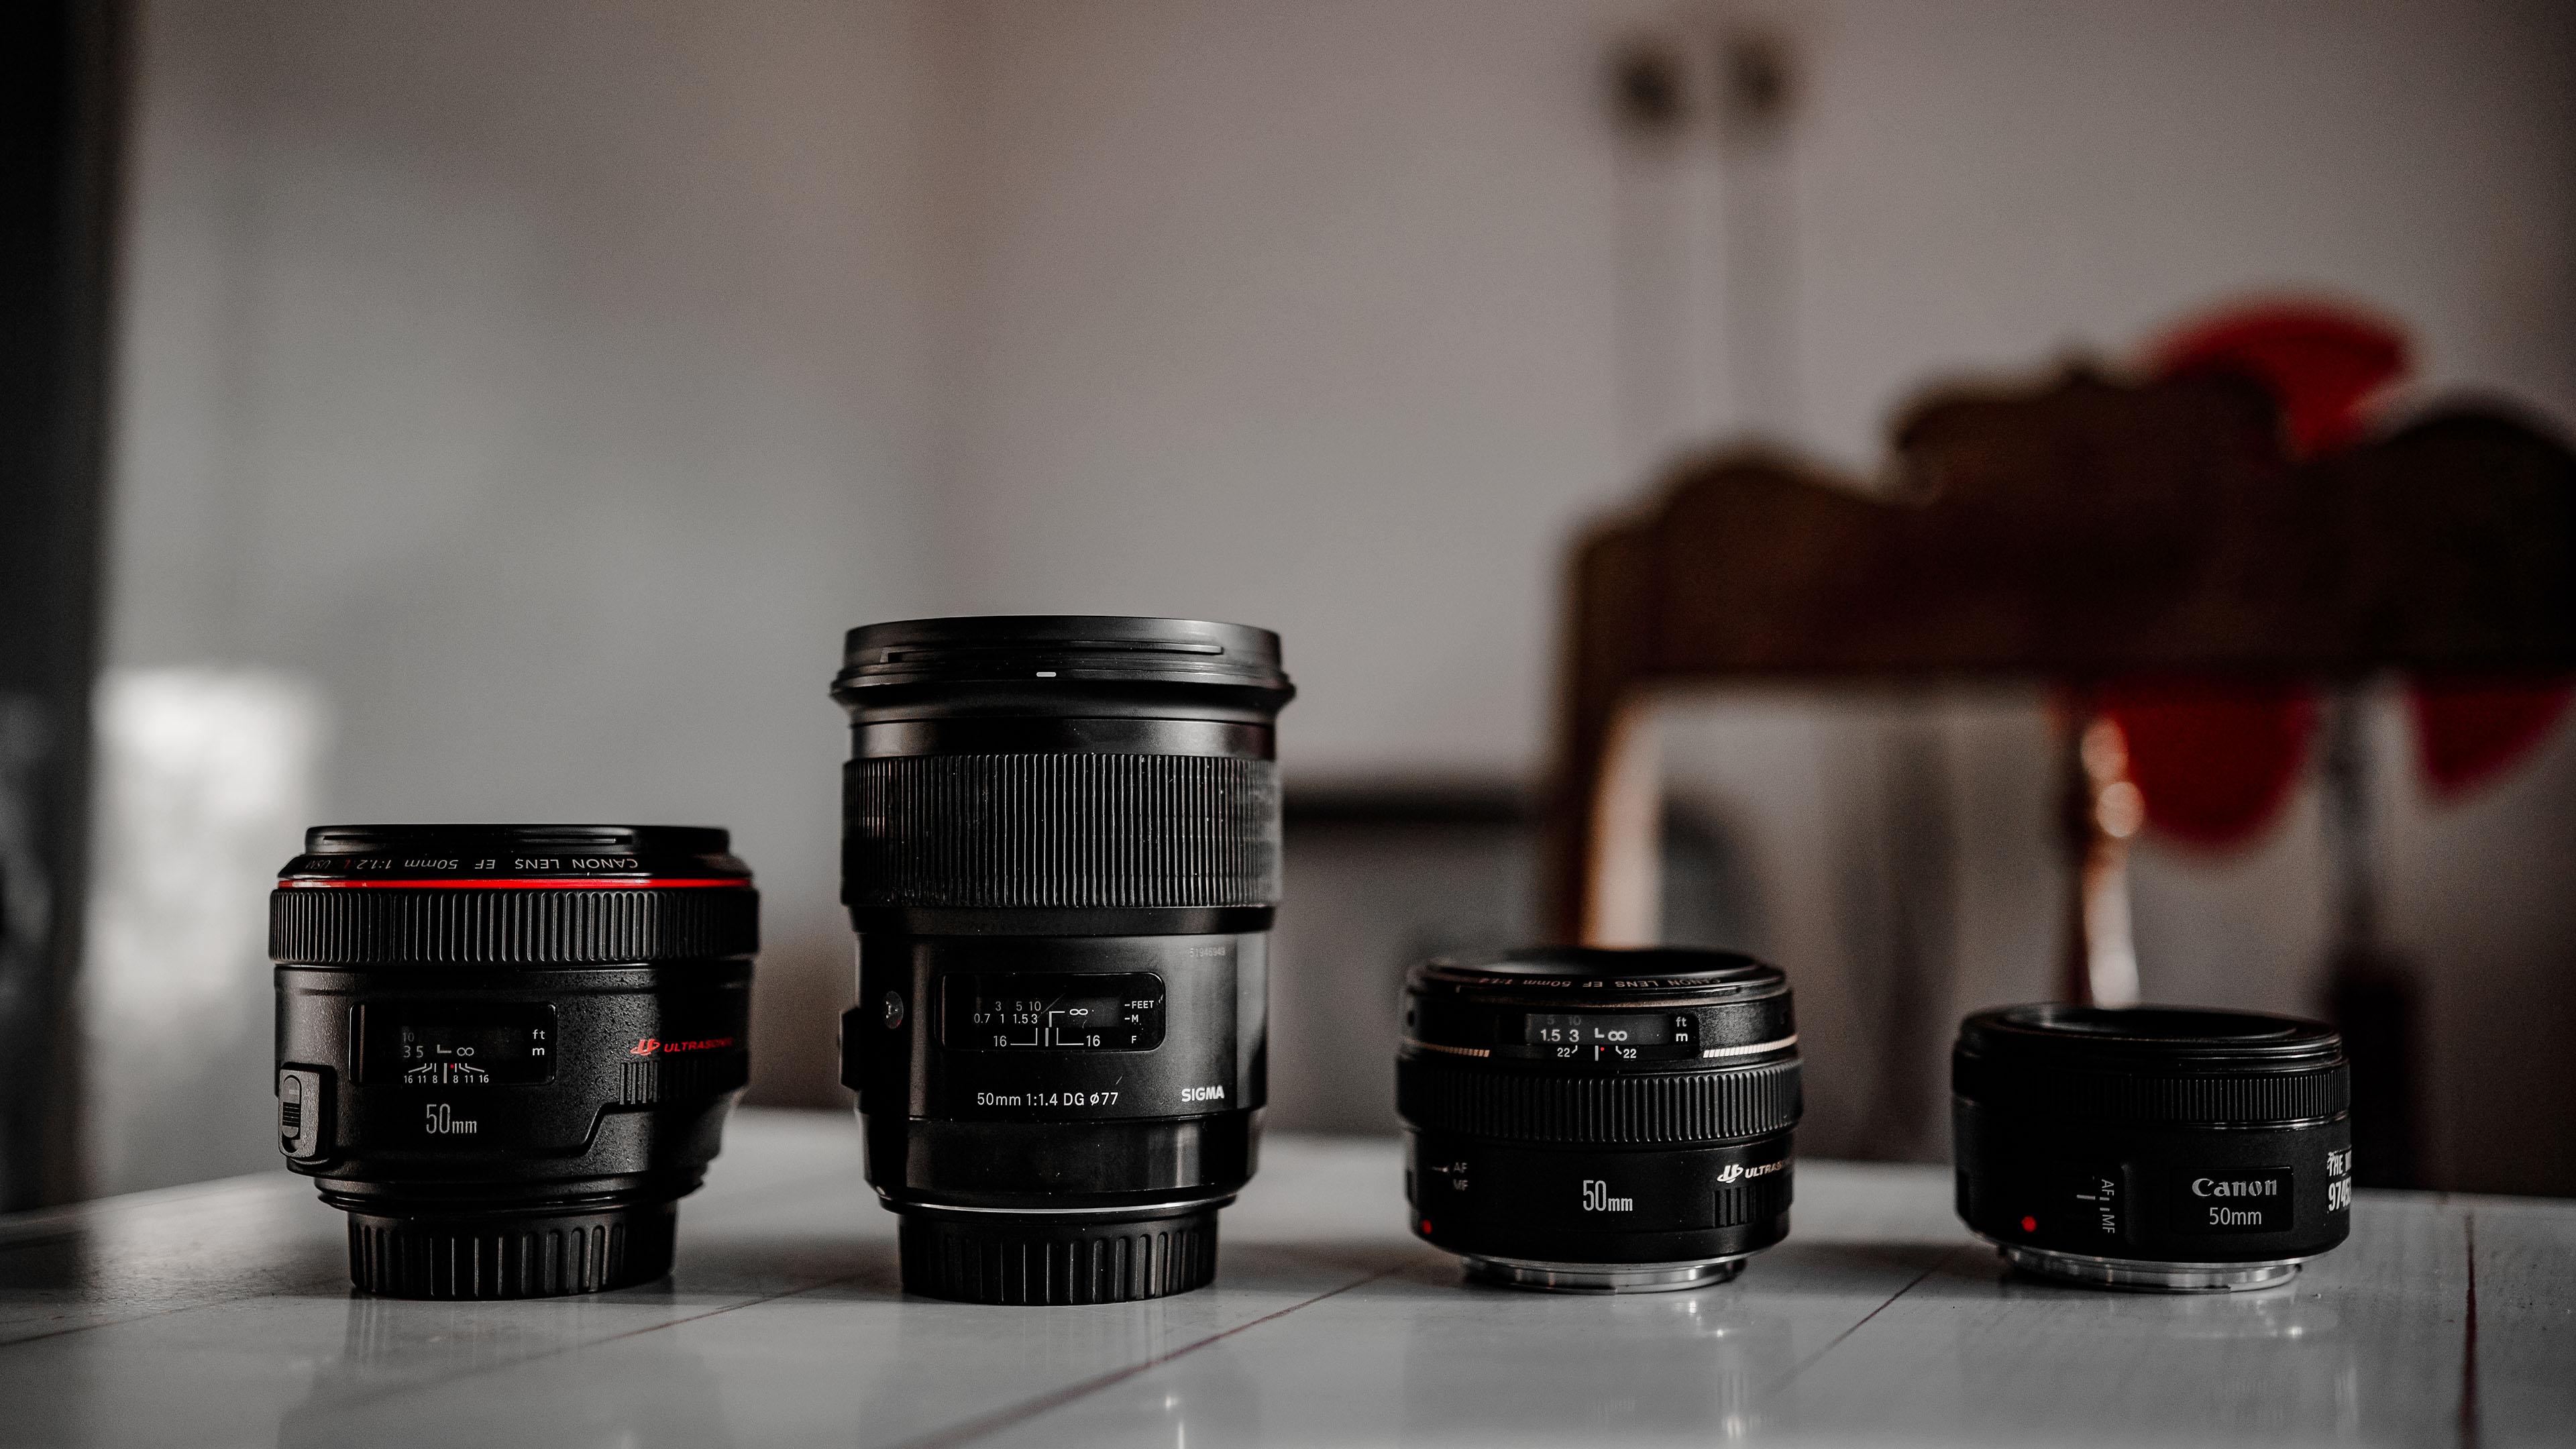 小清新,静物写真,镜头,拍摄